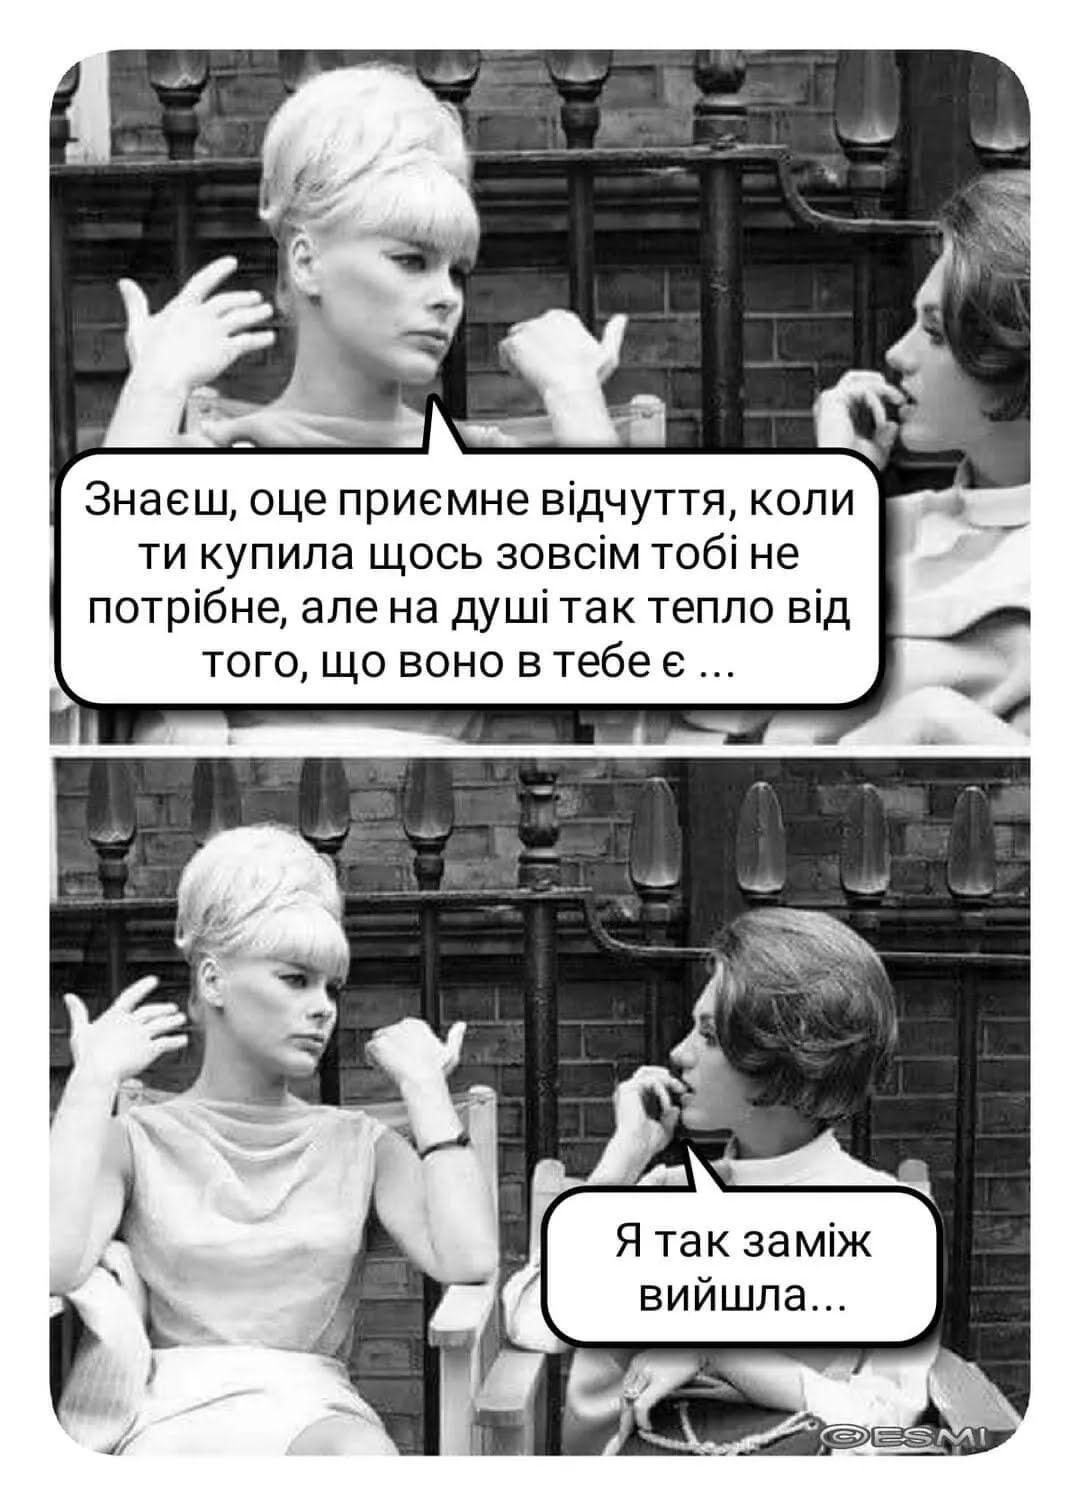 Мем про заміжжя